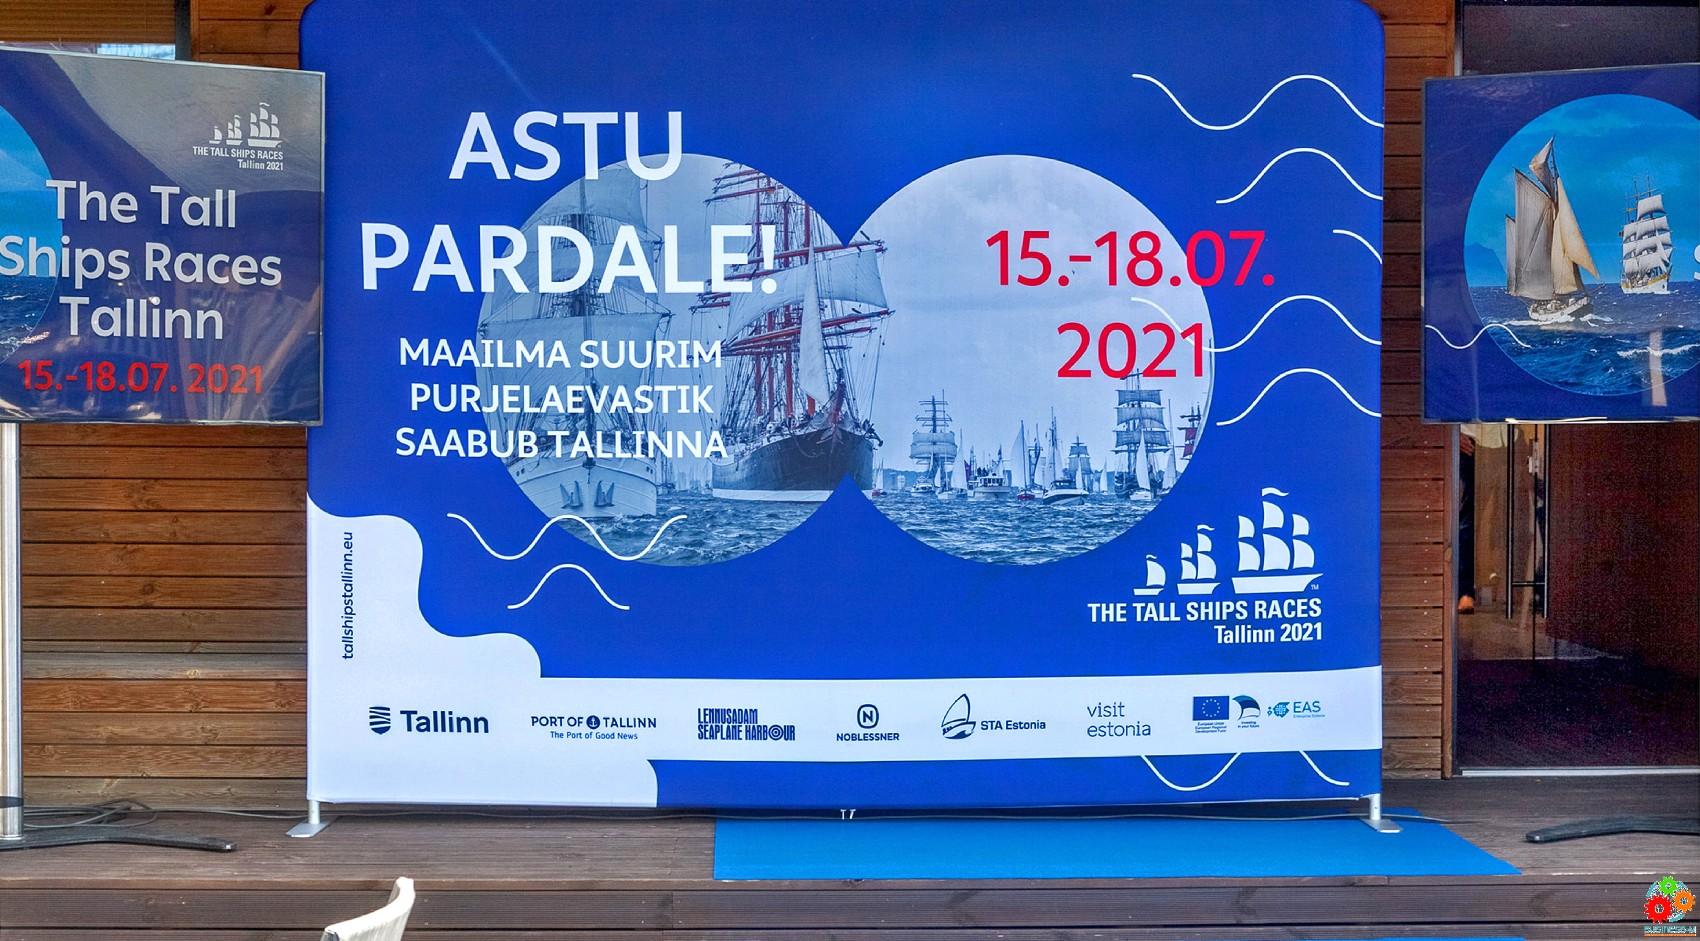 The Tall Ships Races 2021 – Таллинн примет крупнейший в мире парусный флот